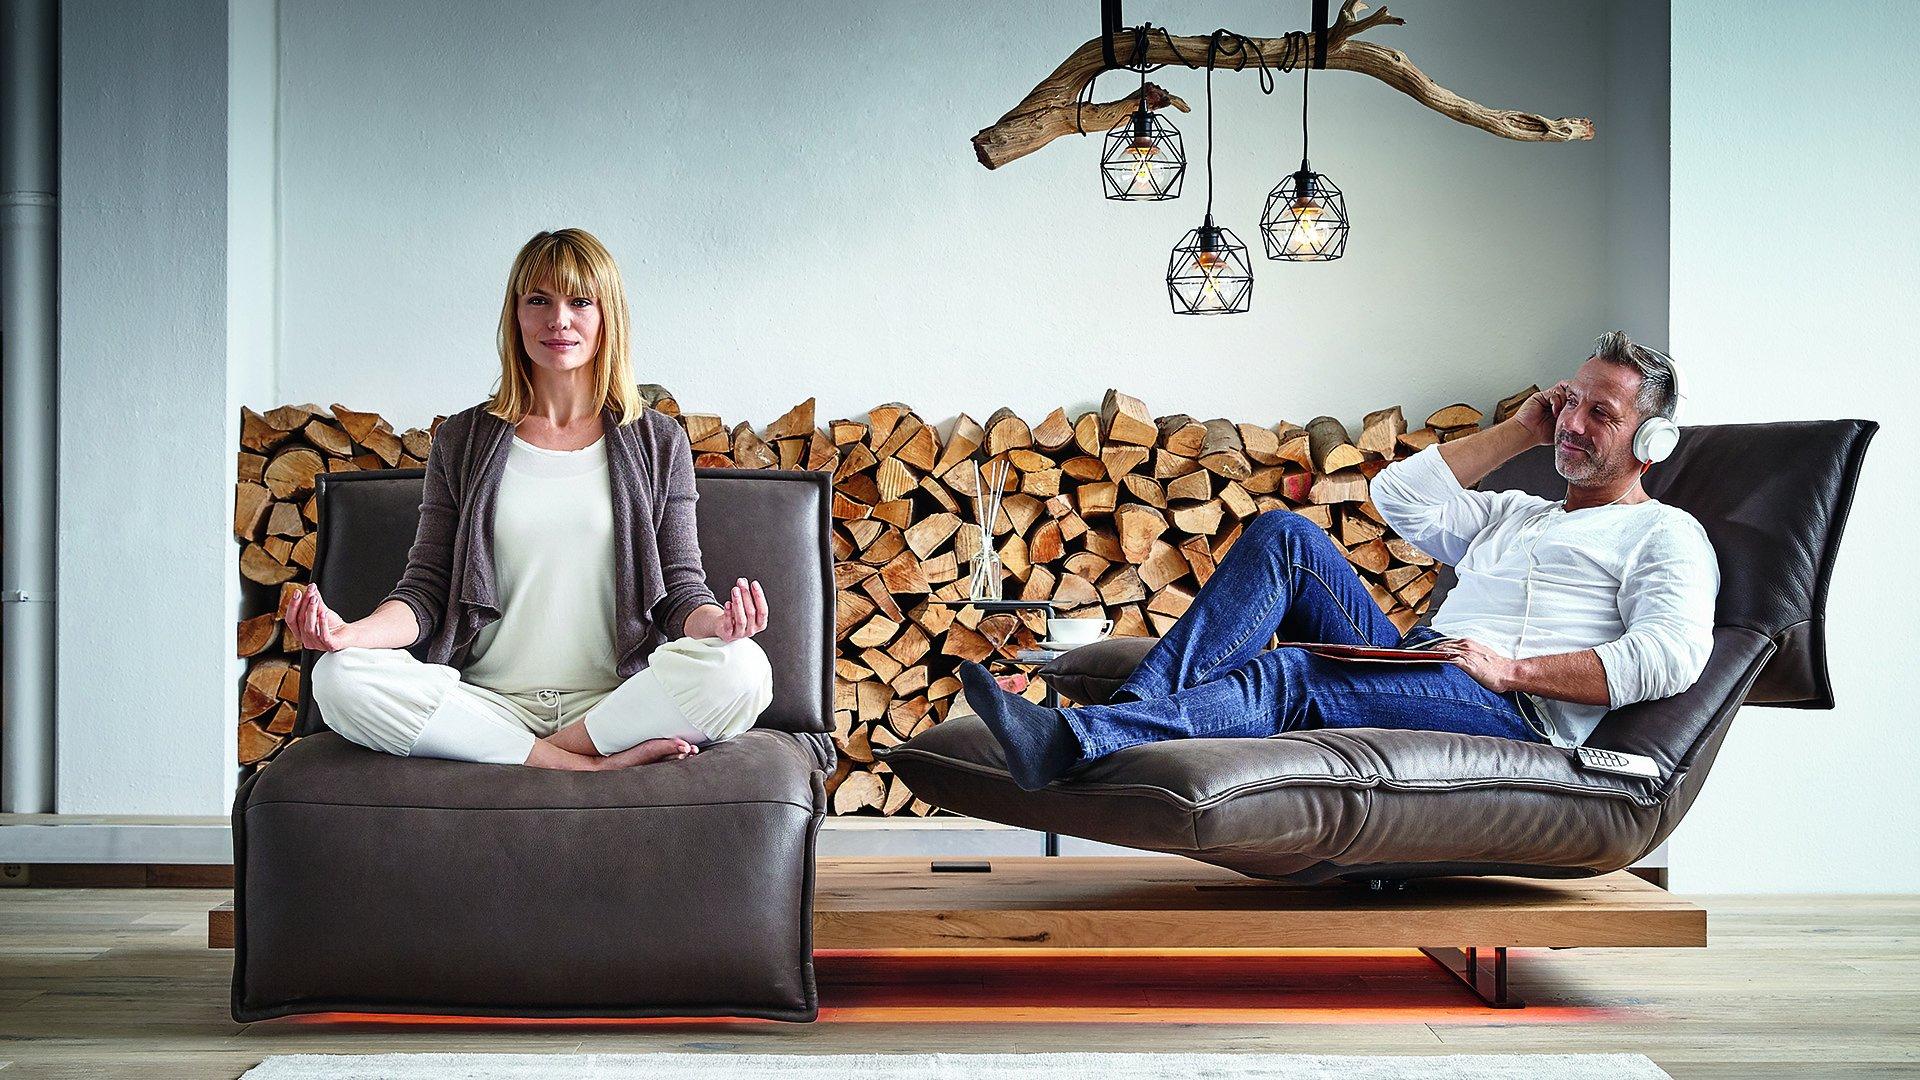 k esla a leh tka home style. Black Bedroom Furniture Sets. Home Design Ideas